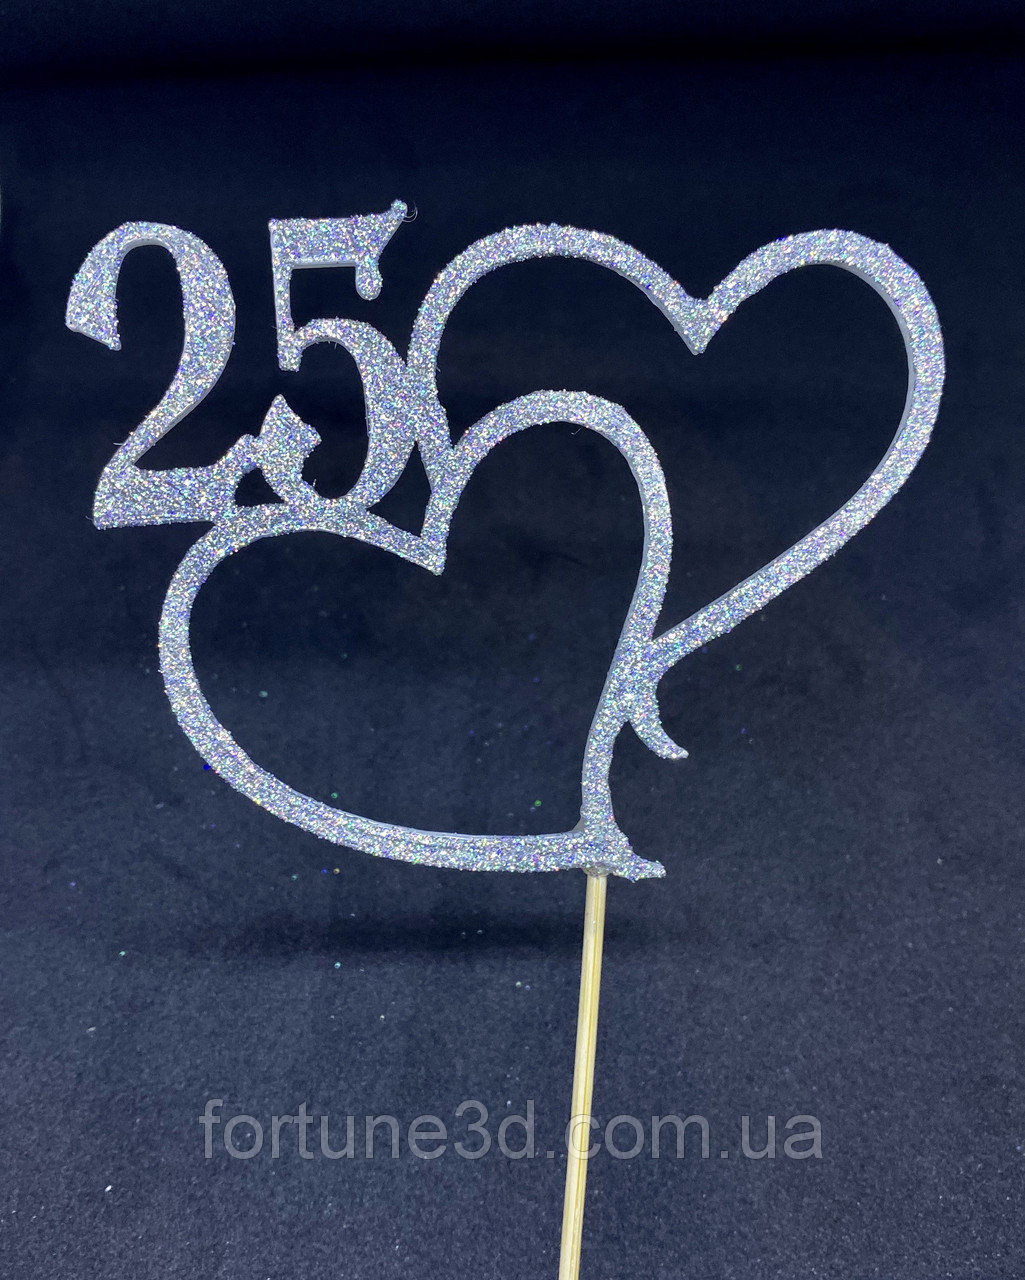 Топпер 2 серця з індивідуальною цифрою Пластикові топпери Топпери в блискітках Топпери на замовлення